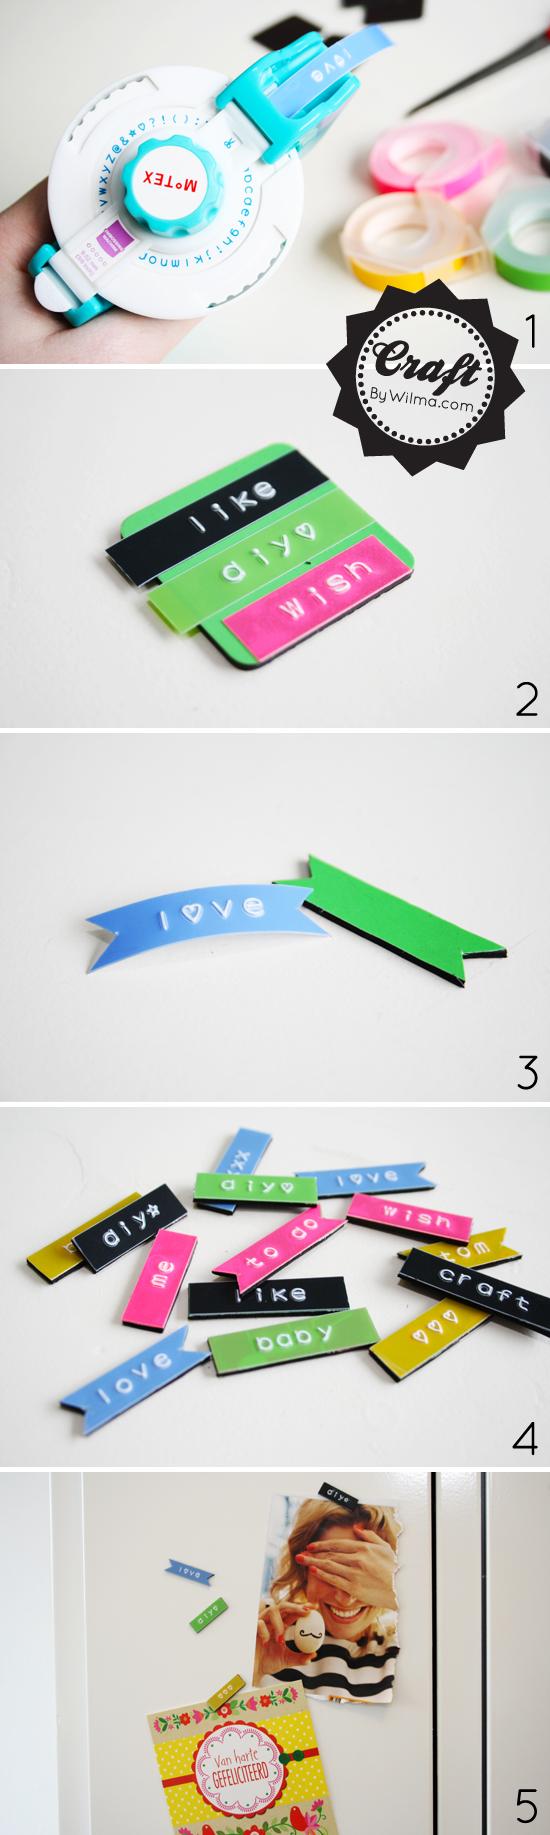 DIY - Tapewriter magnets tutorial